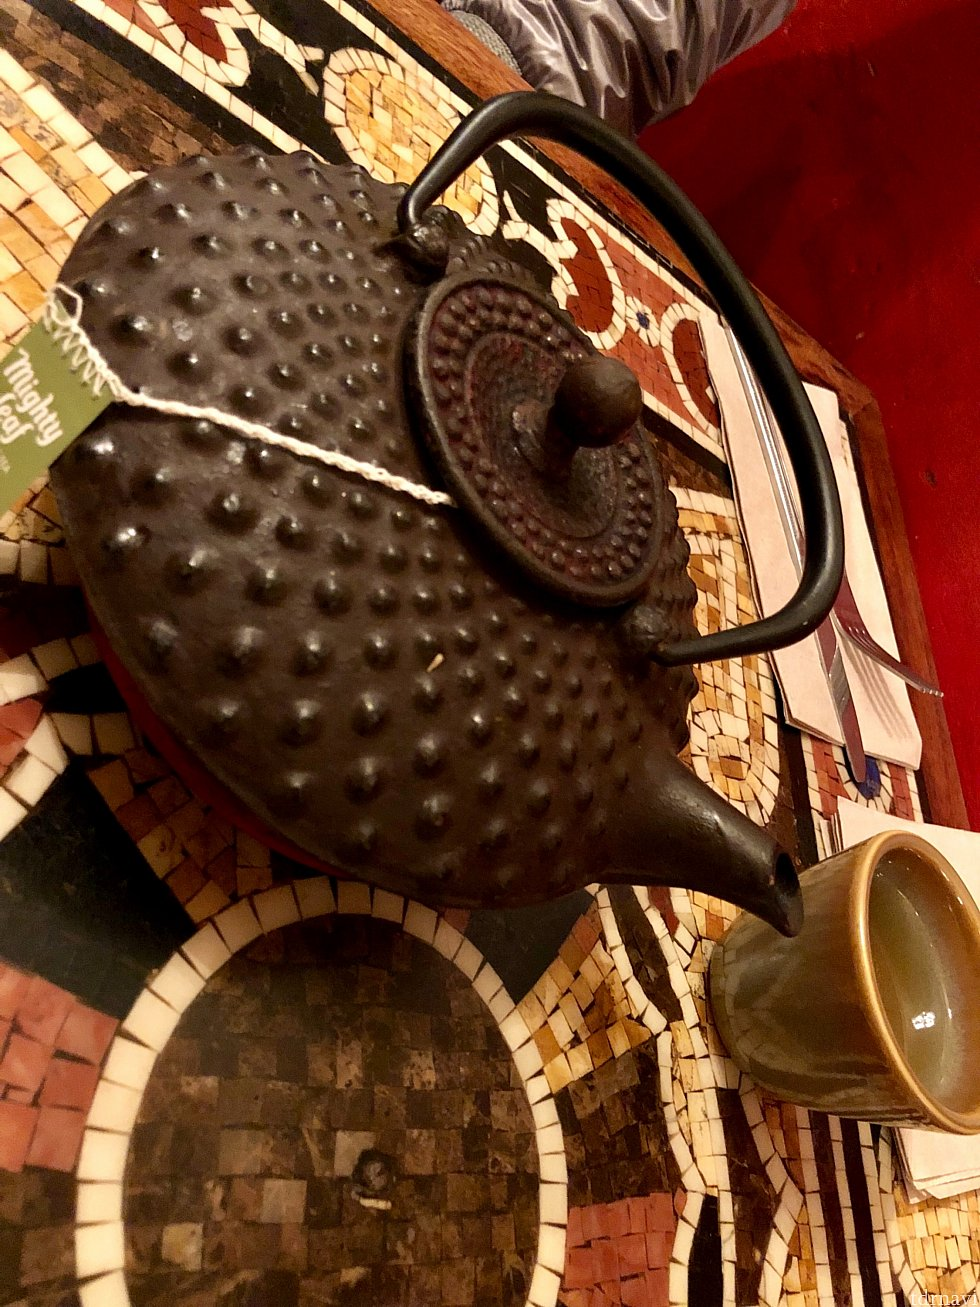 友達が緑茶を頼んだら、立派な鉄製の急須が出てきました。でも緑茶のティーバッグなので味はそれほど期待しない方が良いかもしれないですね。